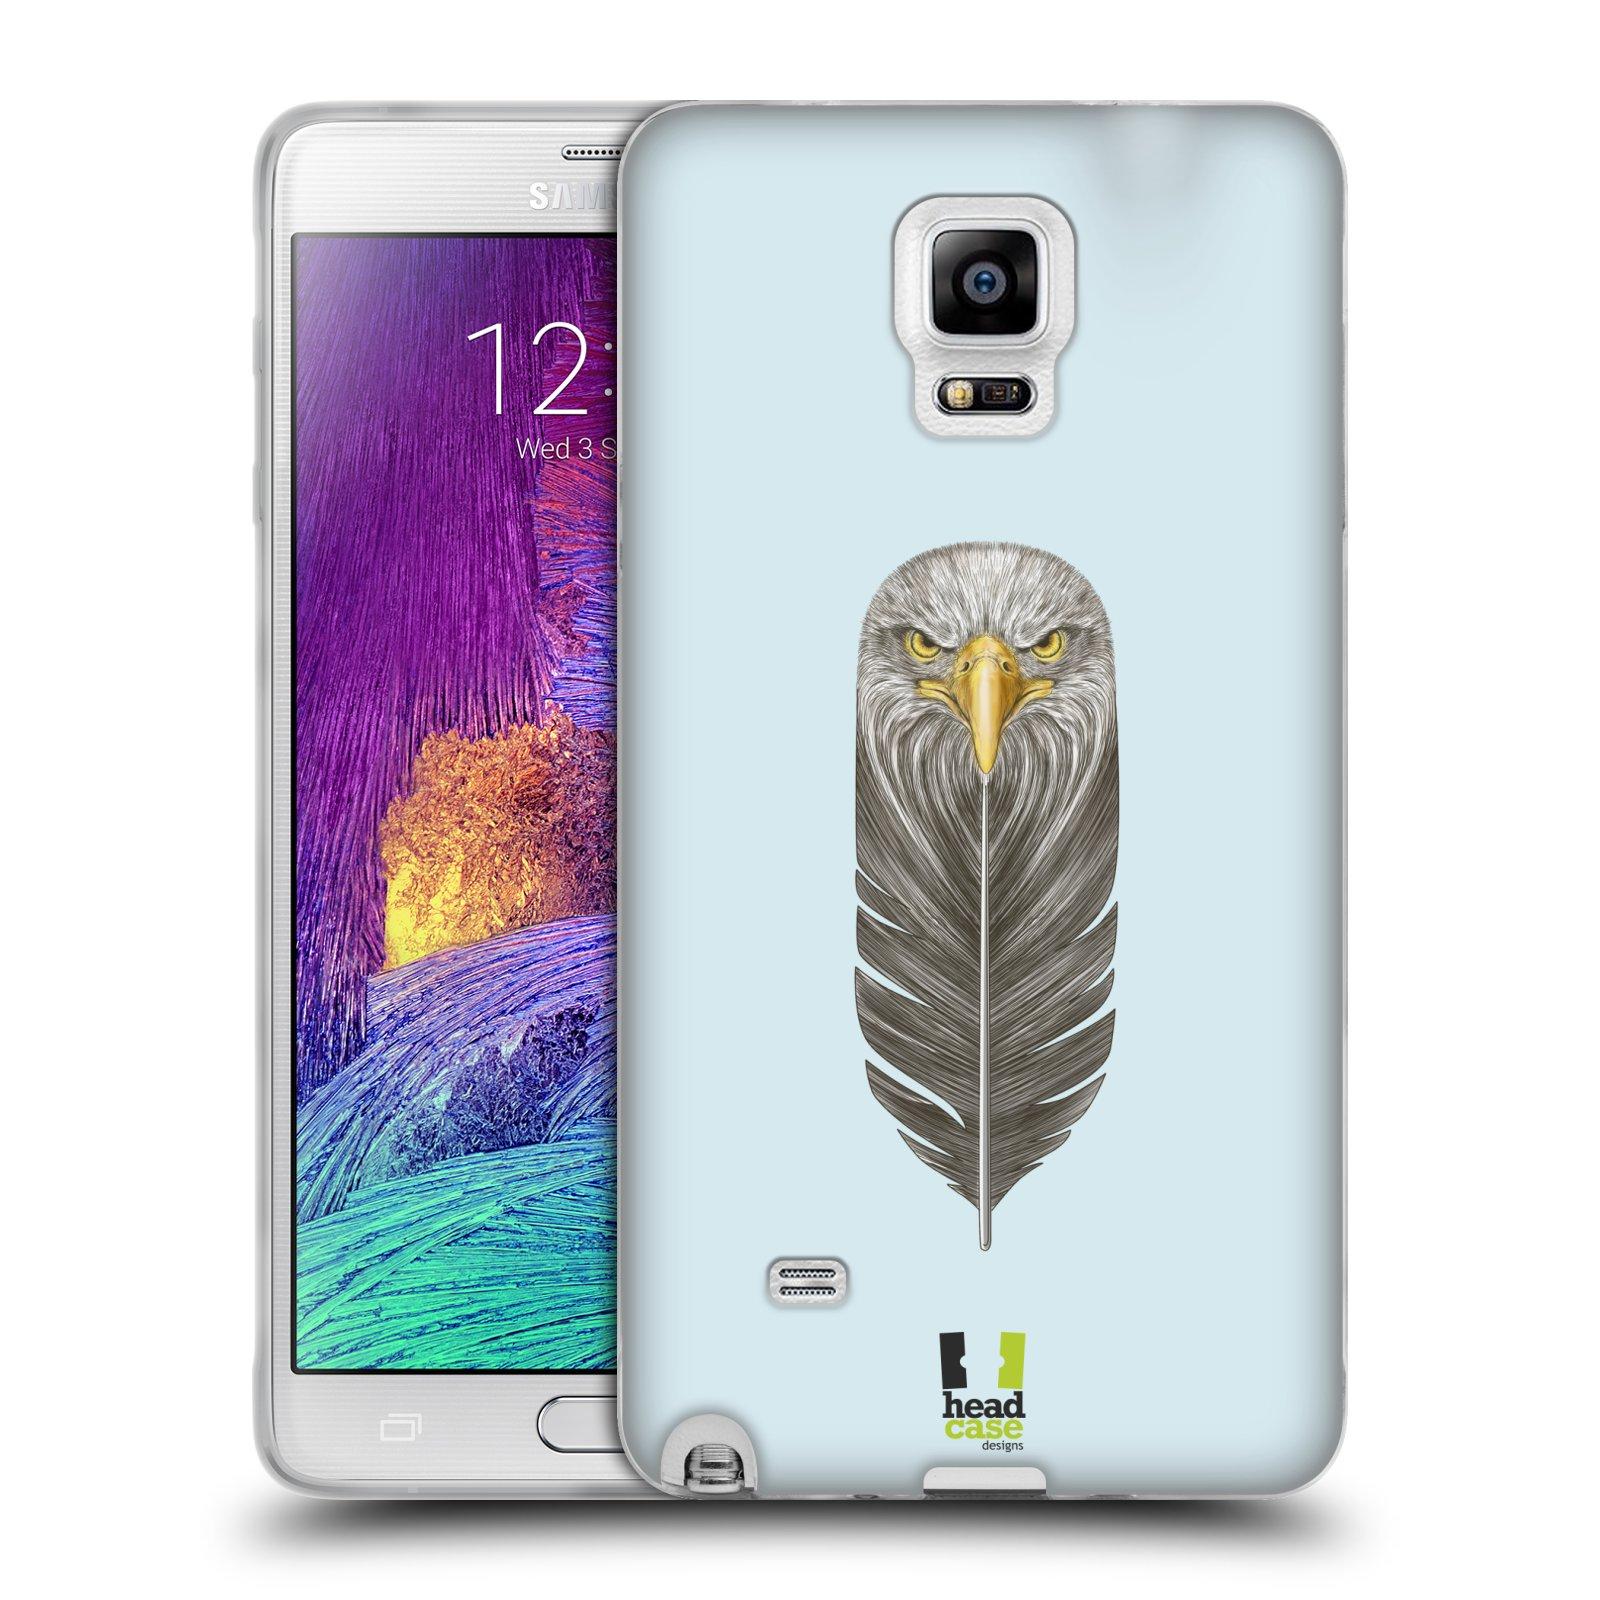 Silikonové pouzdro na mobil Samsung Galaxy Note 4 HEAD CASE PÍRKO OREL (Silikonový kryt či obal na mobilní telefon Samsung Galaxy Note 4 SM-N910F)